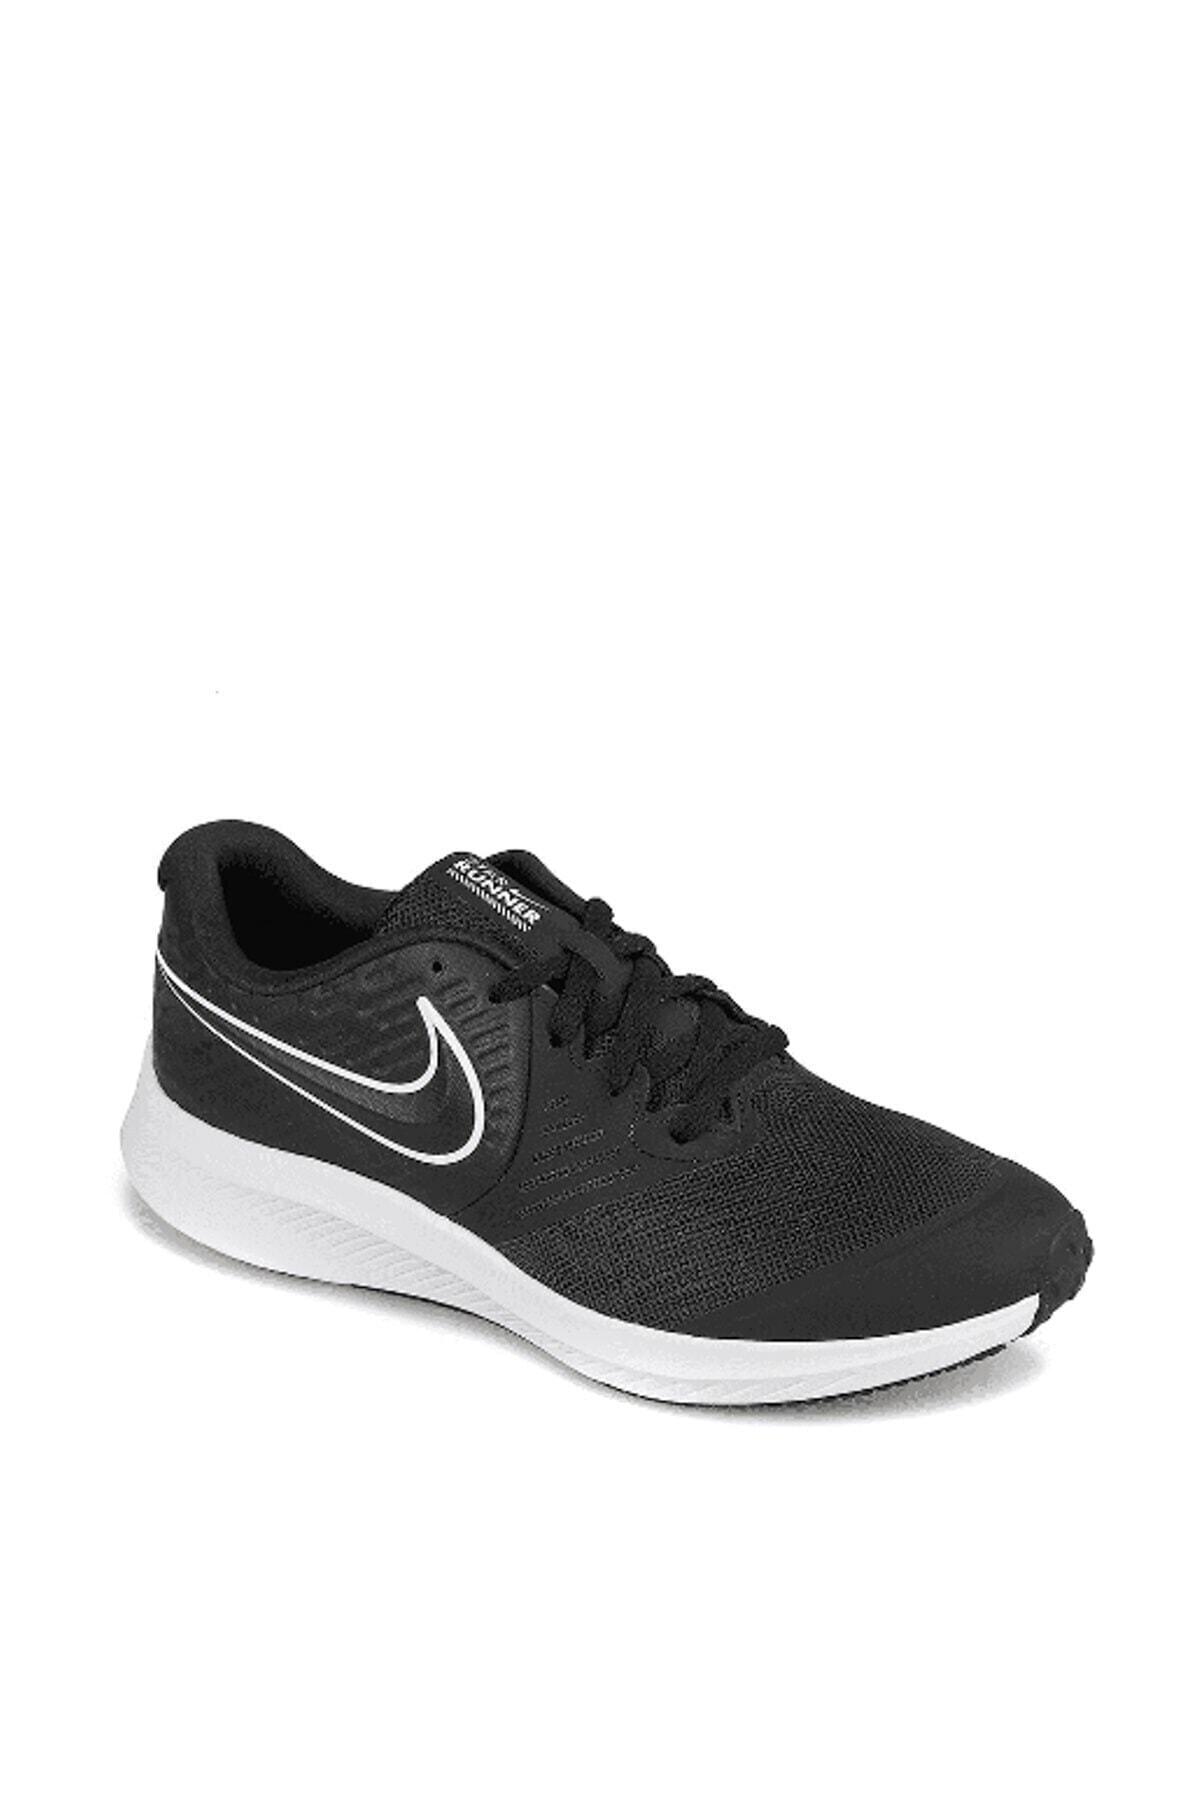 Nike Kadın Sneaker - Star Runner 2 - Aq3542-001